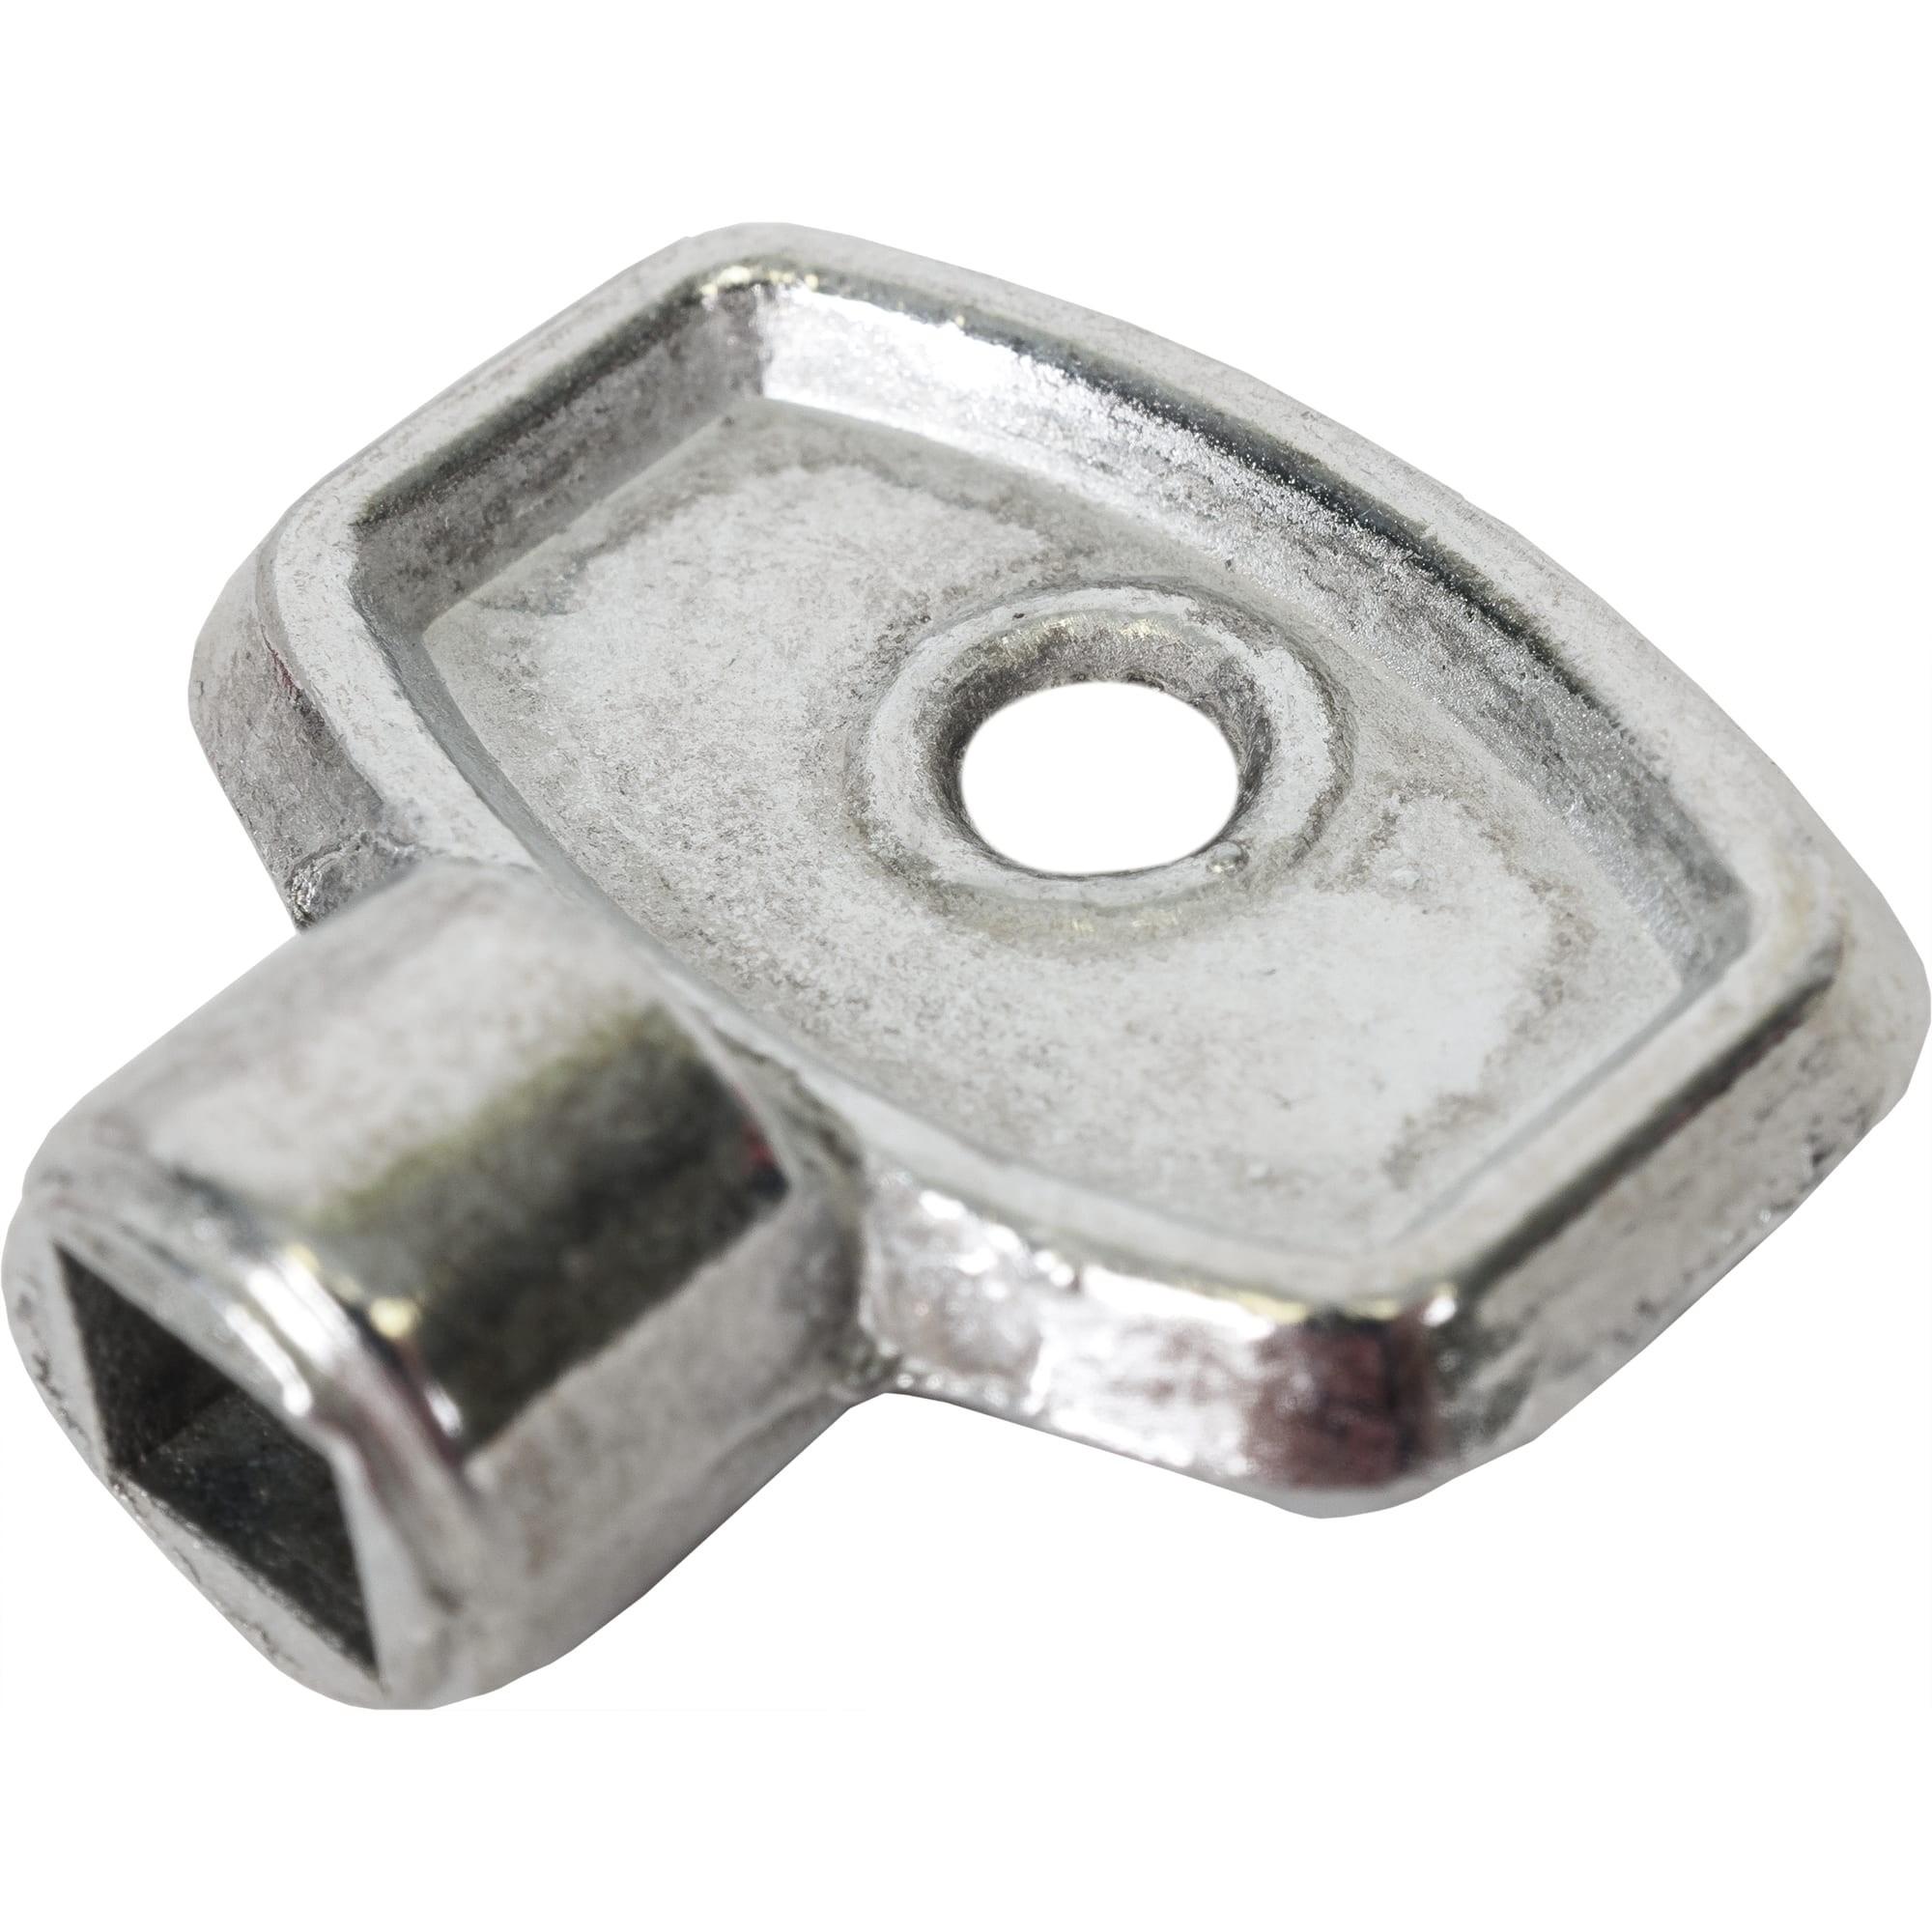 Ключ к крану маевского металлический усиленный J.G. - 1